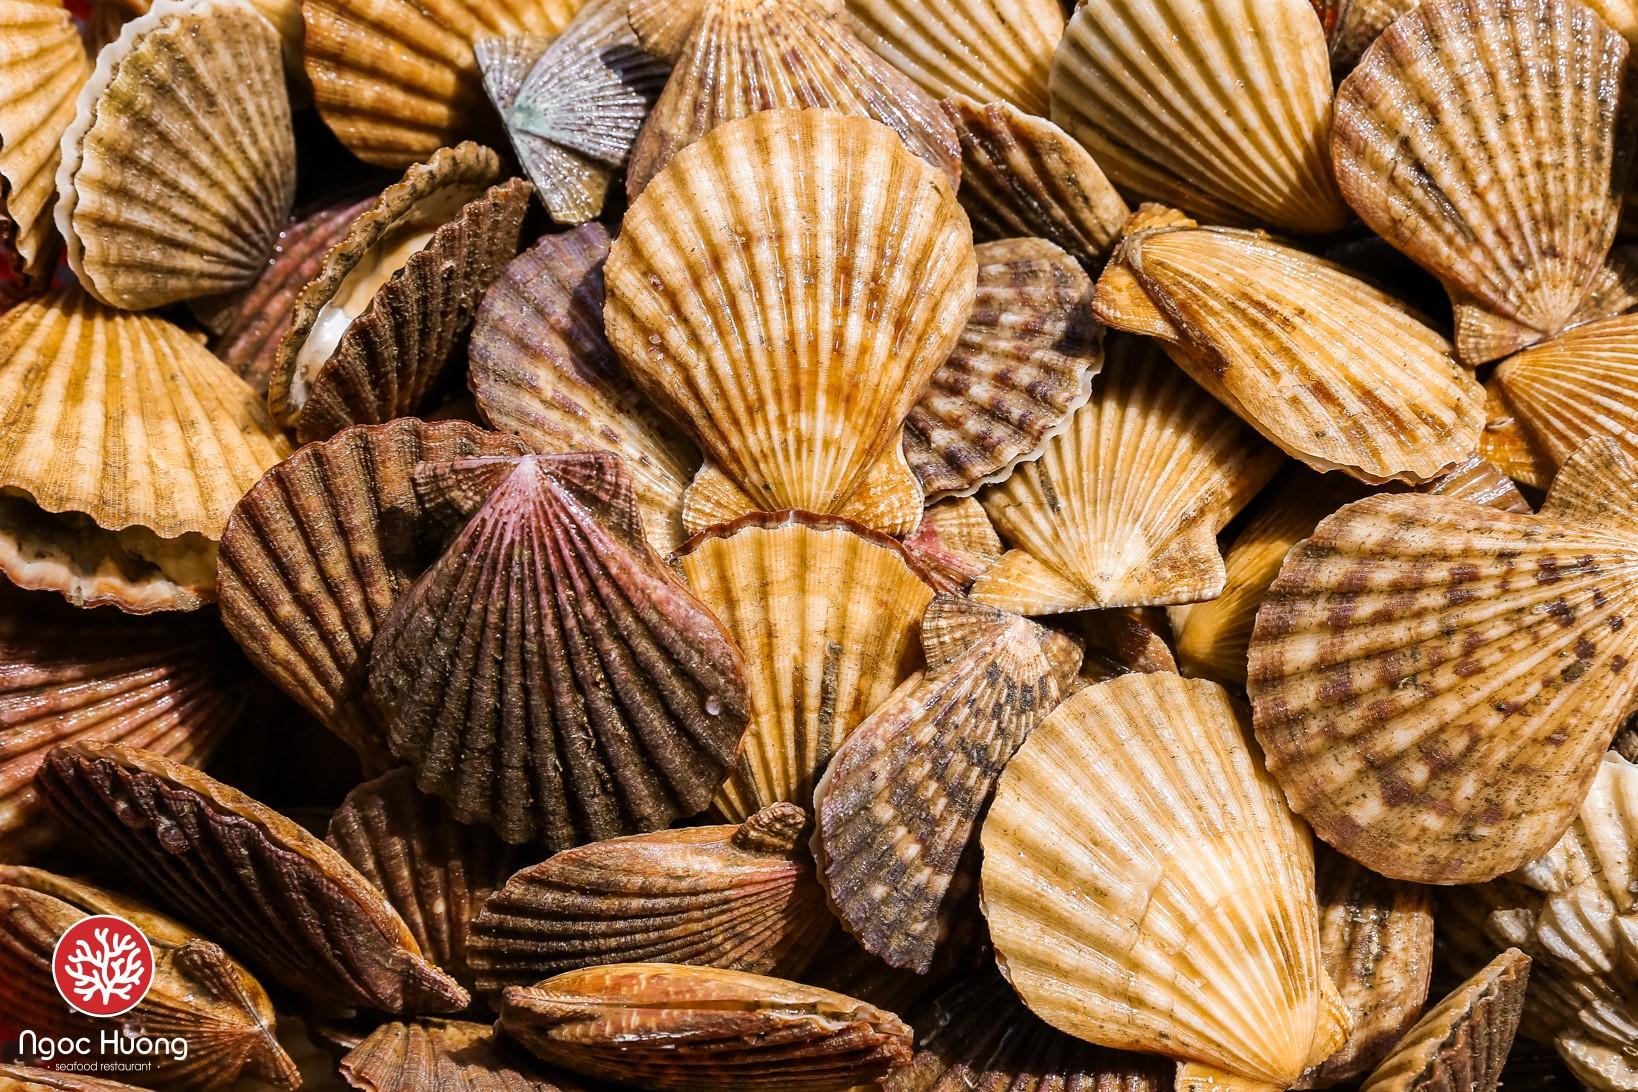 Thực đơn của nhà hàng Ngọc Hương đa dạng món ăn về sò